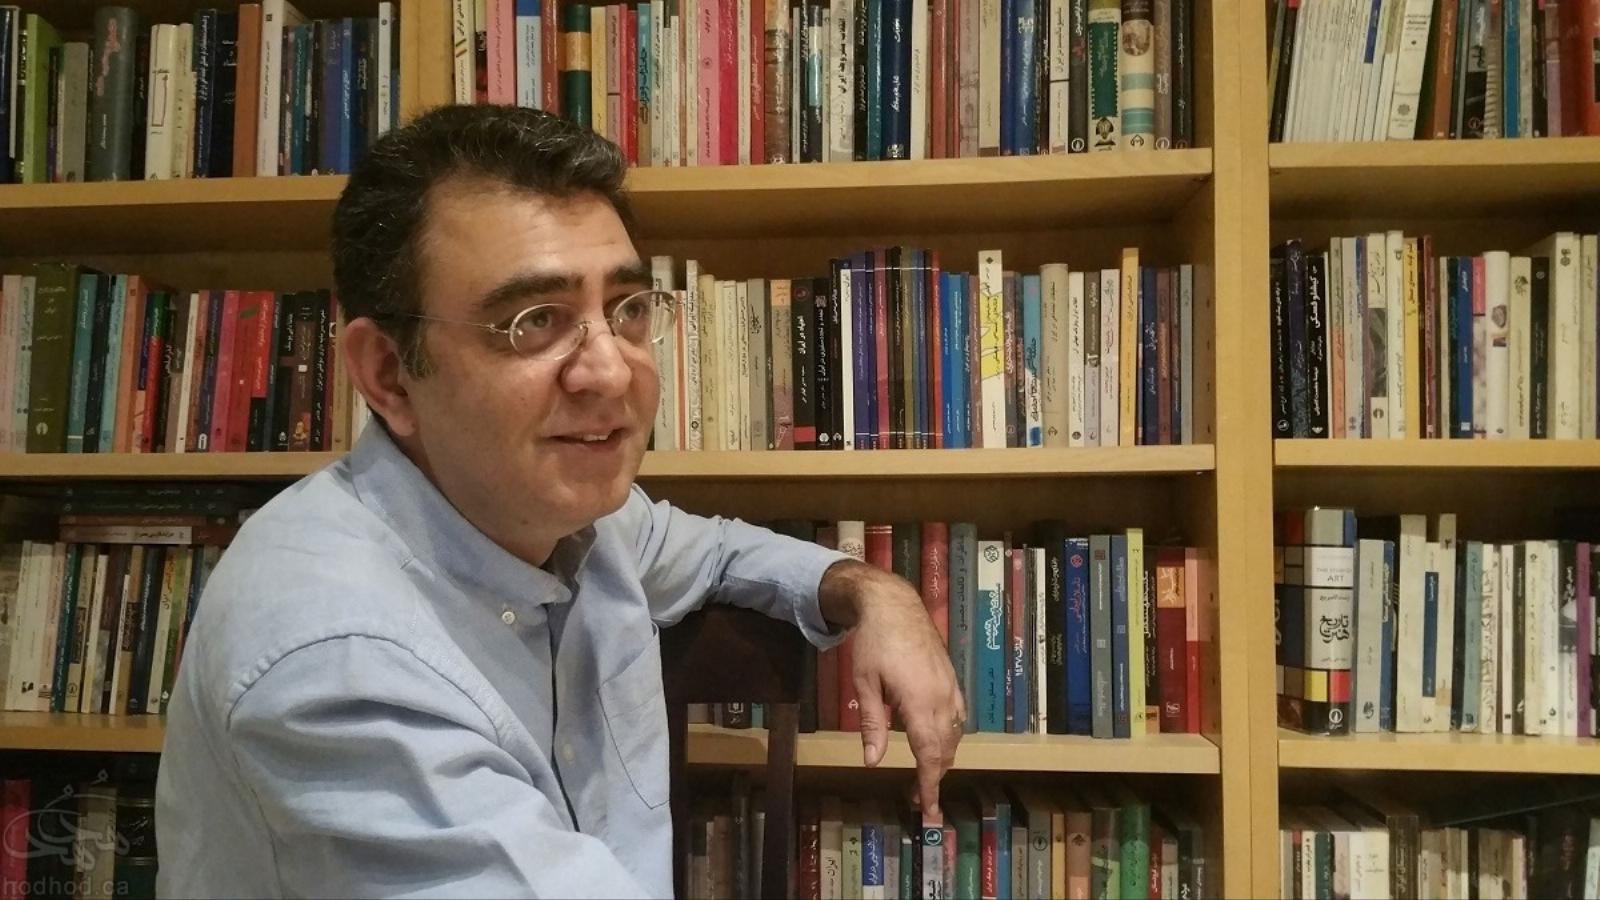 چرا صدایی از درون جامعه ایرانی کانادا شنیده نمی شود؟ گفتگویی با دکتر بهرنگ صدیقی جامعه شناس ساکن تورنتو